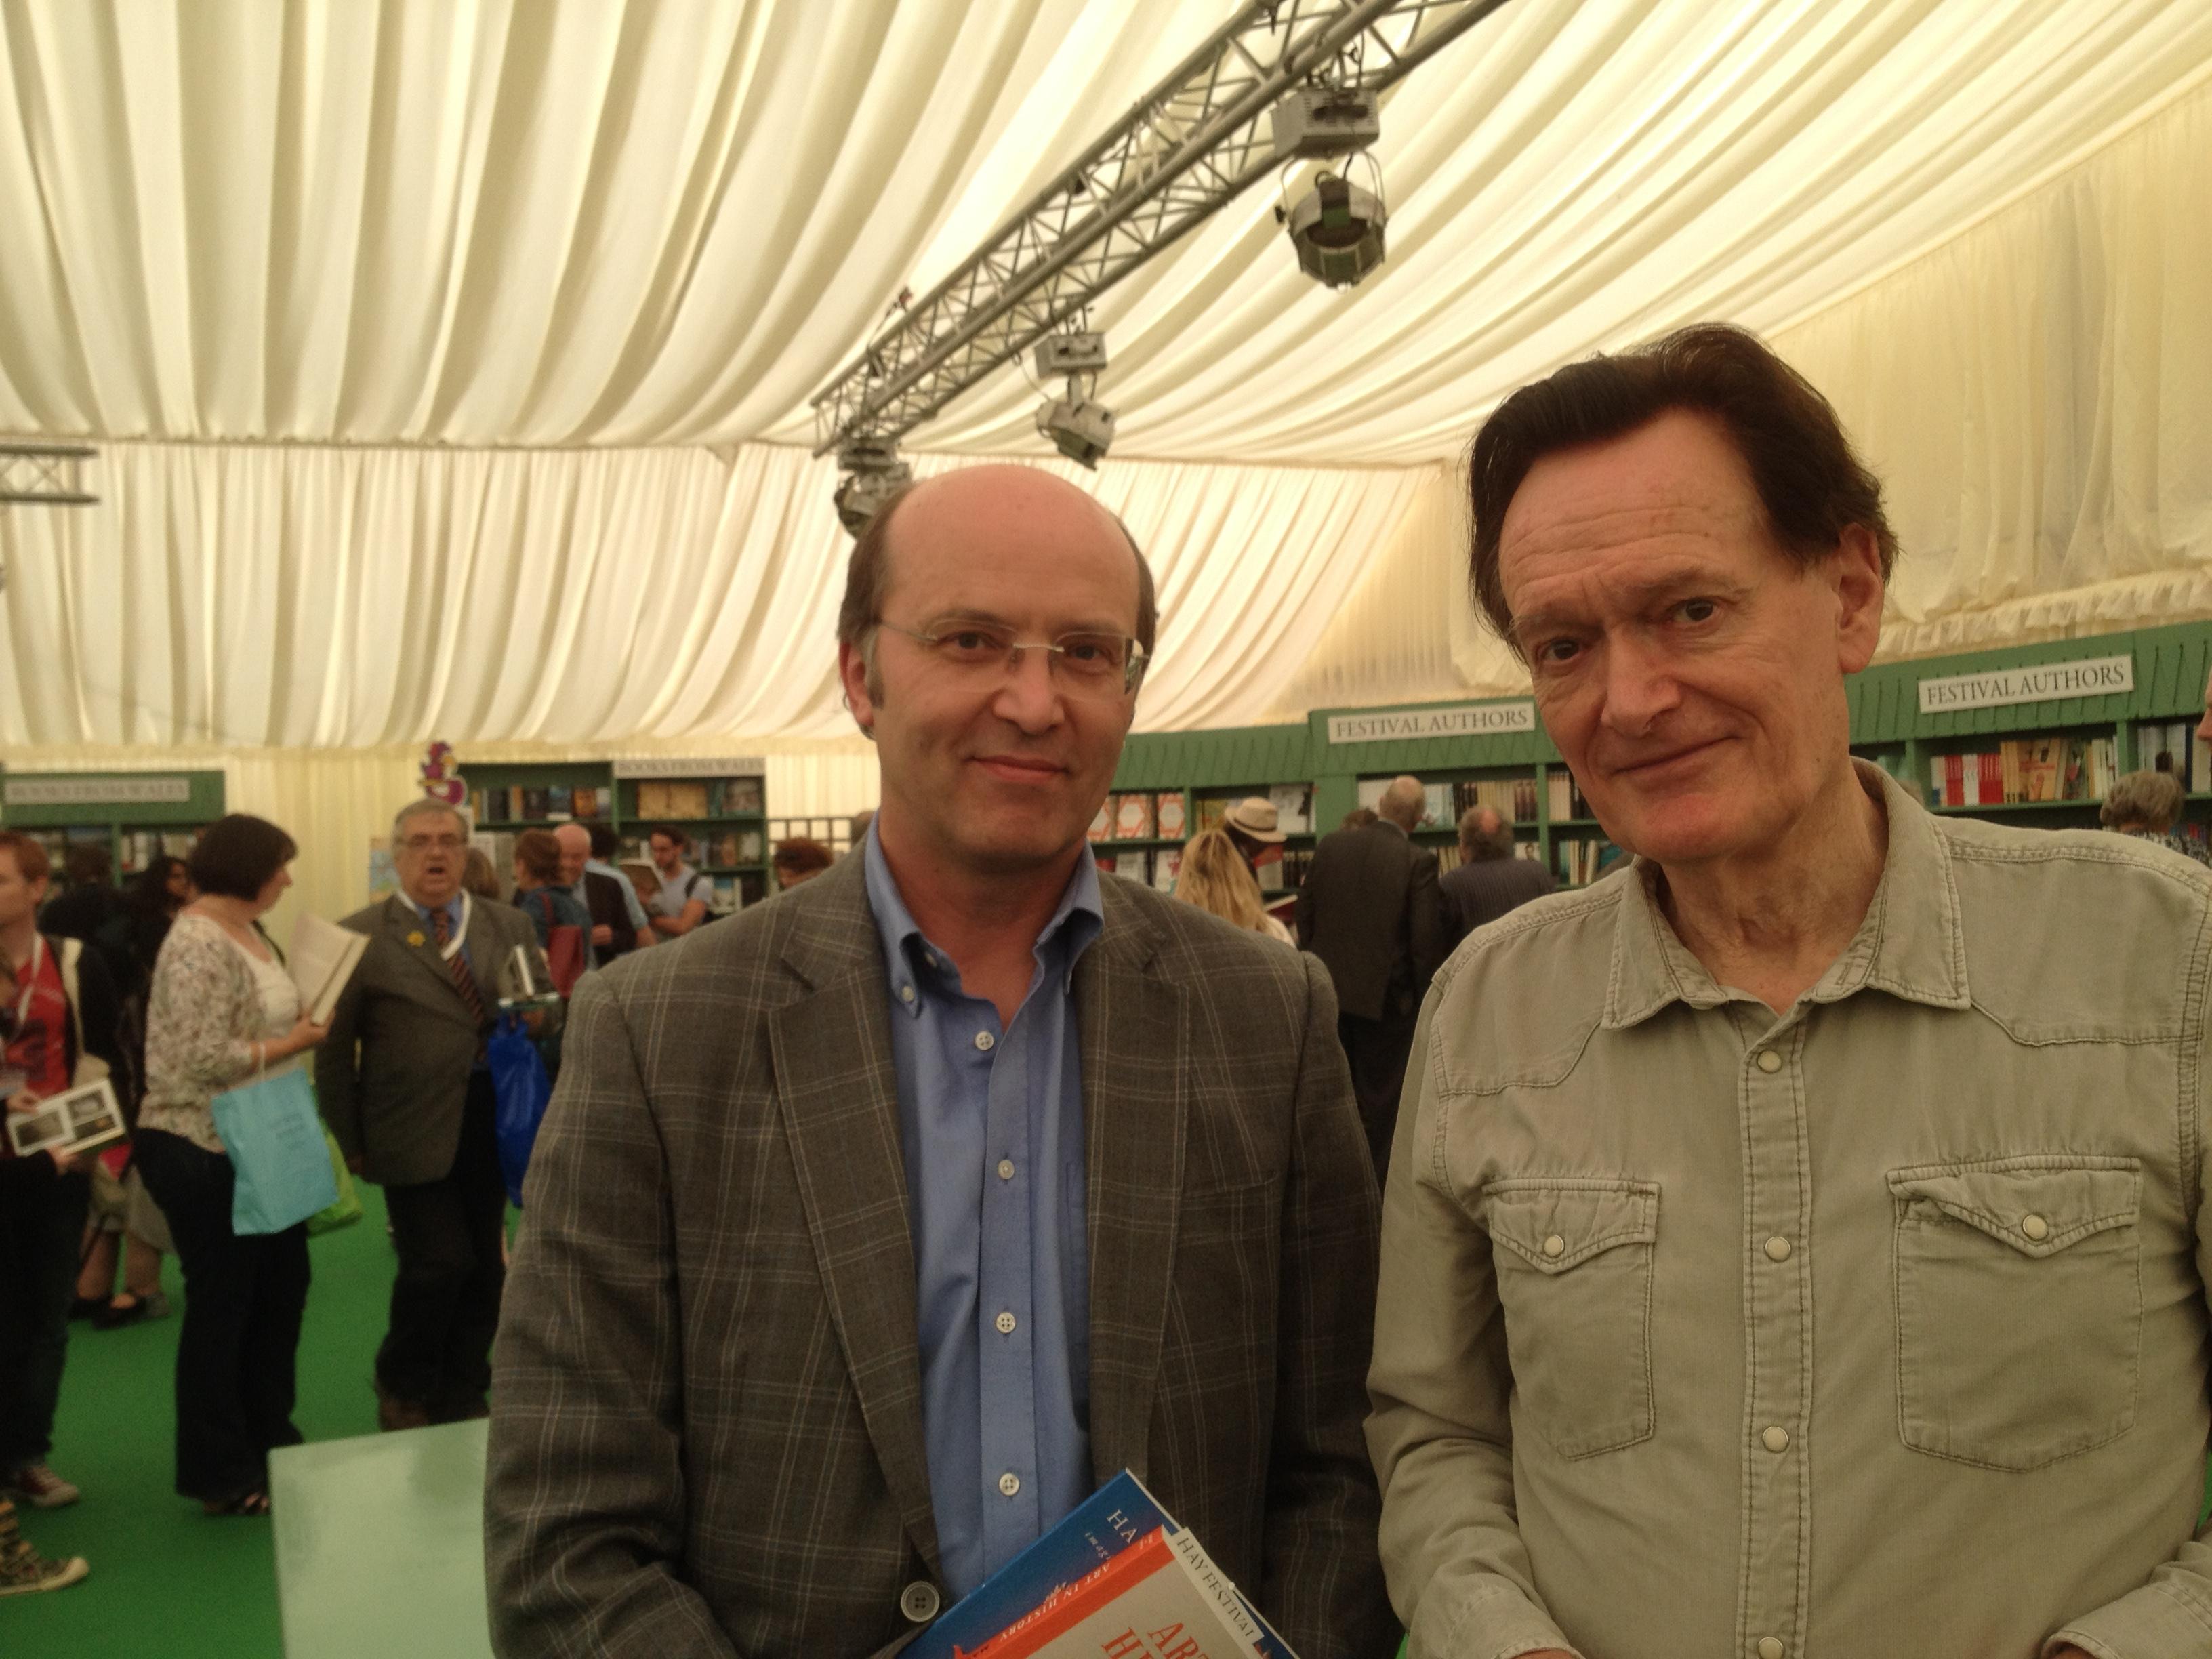 Thirty-four years on: Ceri Thomas and Leonardo expert Martin Kemp, Hay Festival, May 2015